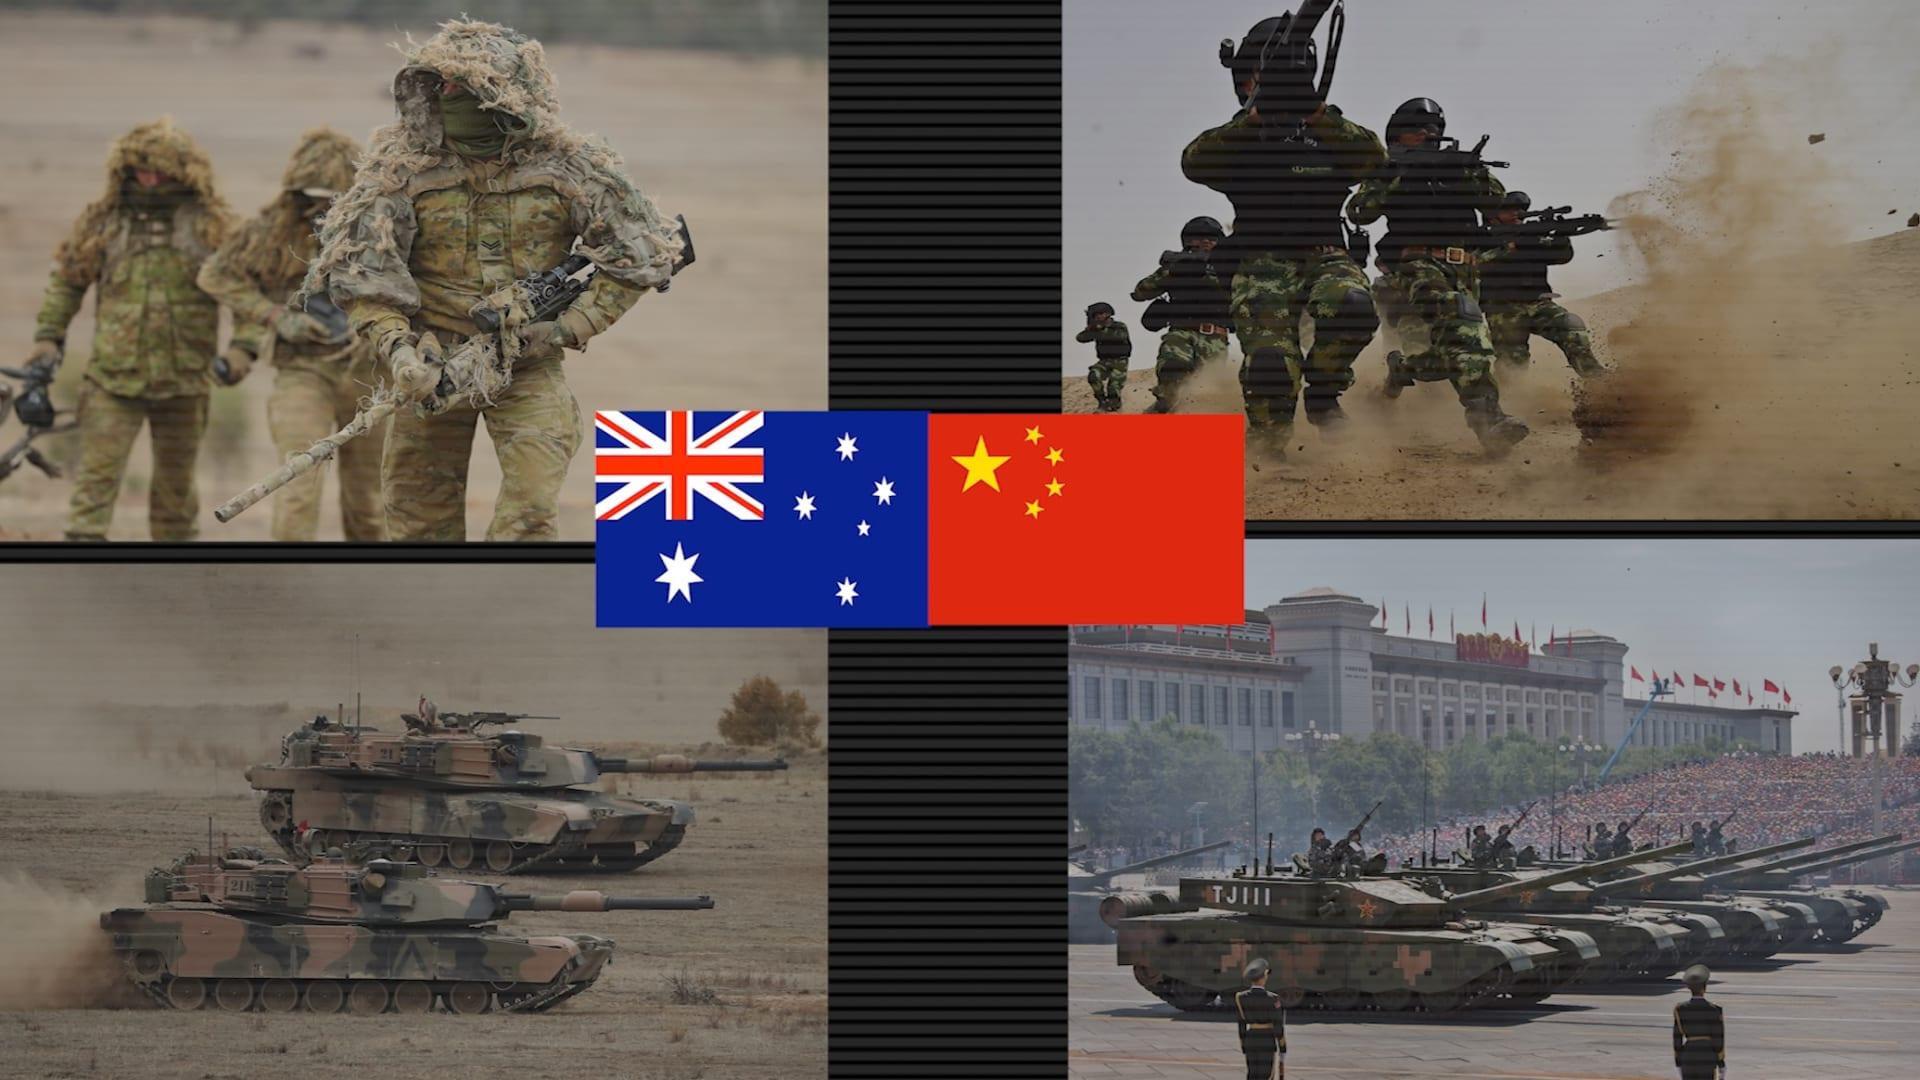 مقارنة بين قدرات الجيش الصيني ونظيره الأسترالي.. من يتفوق على الآخر؟